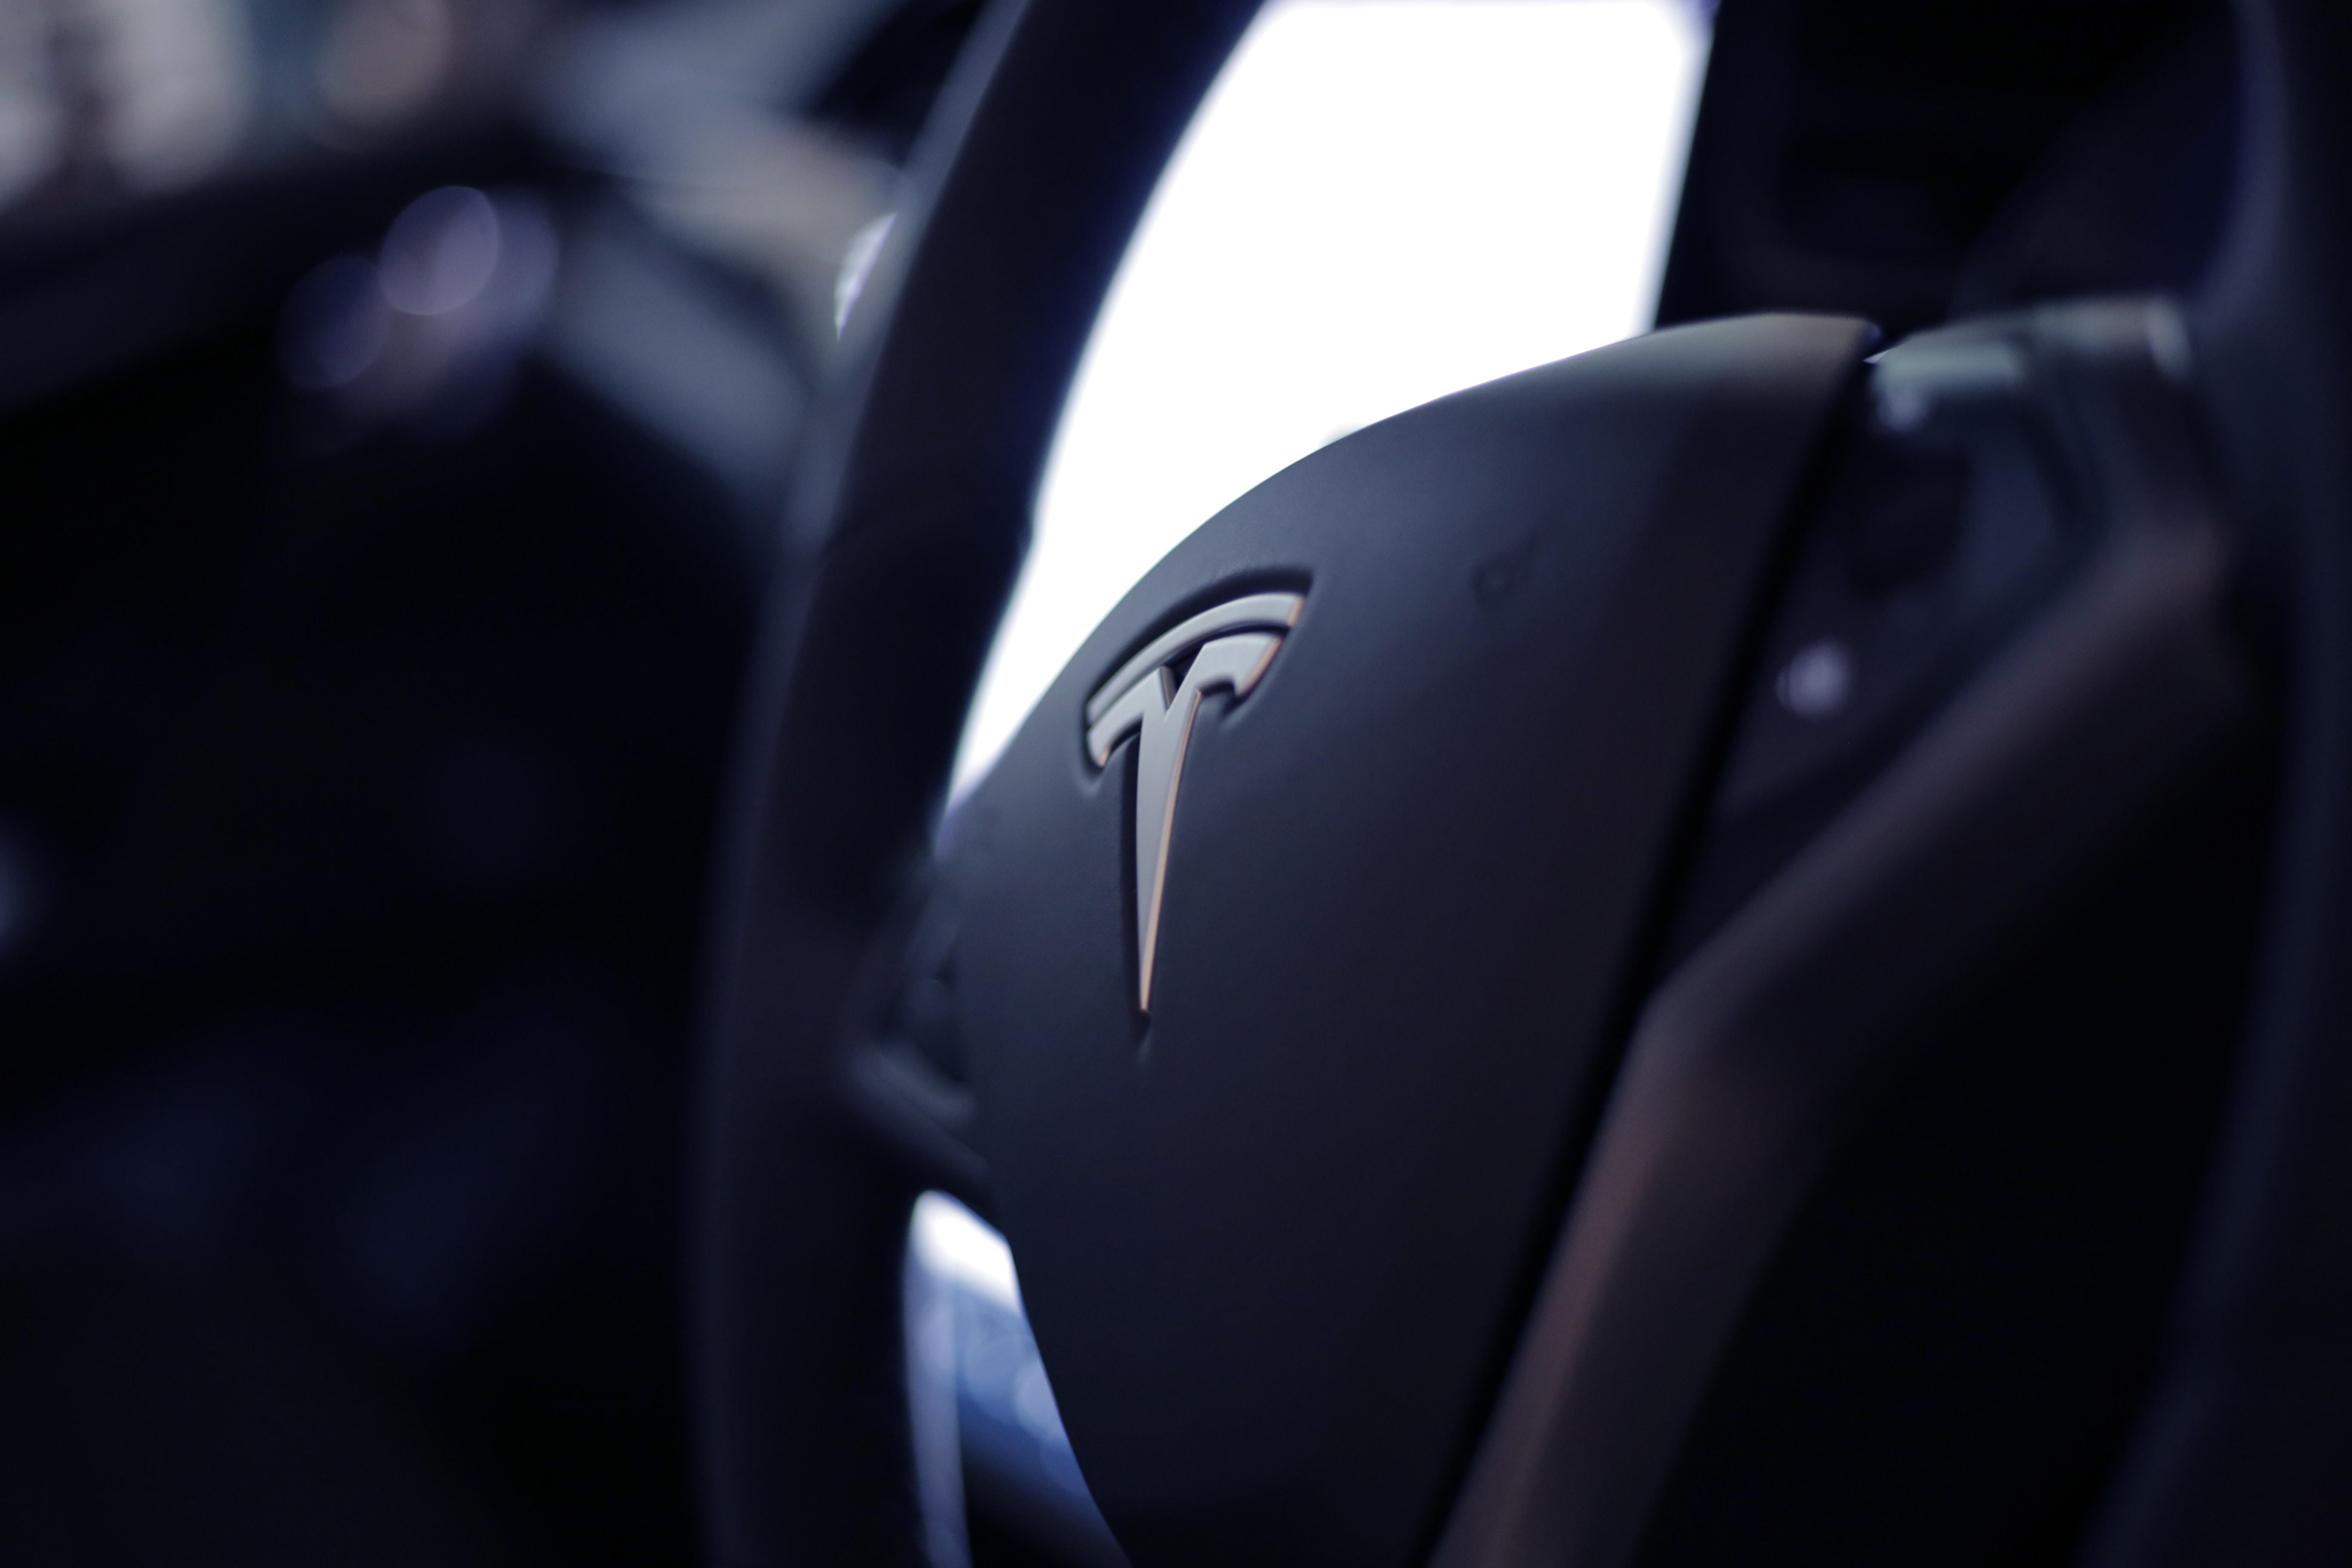 전기자동차 회사 '테슬라' ⓒUnsplash